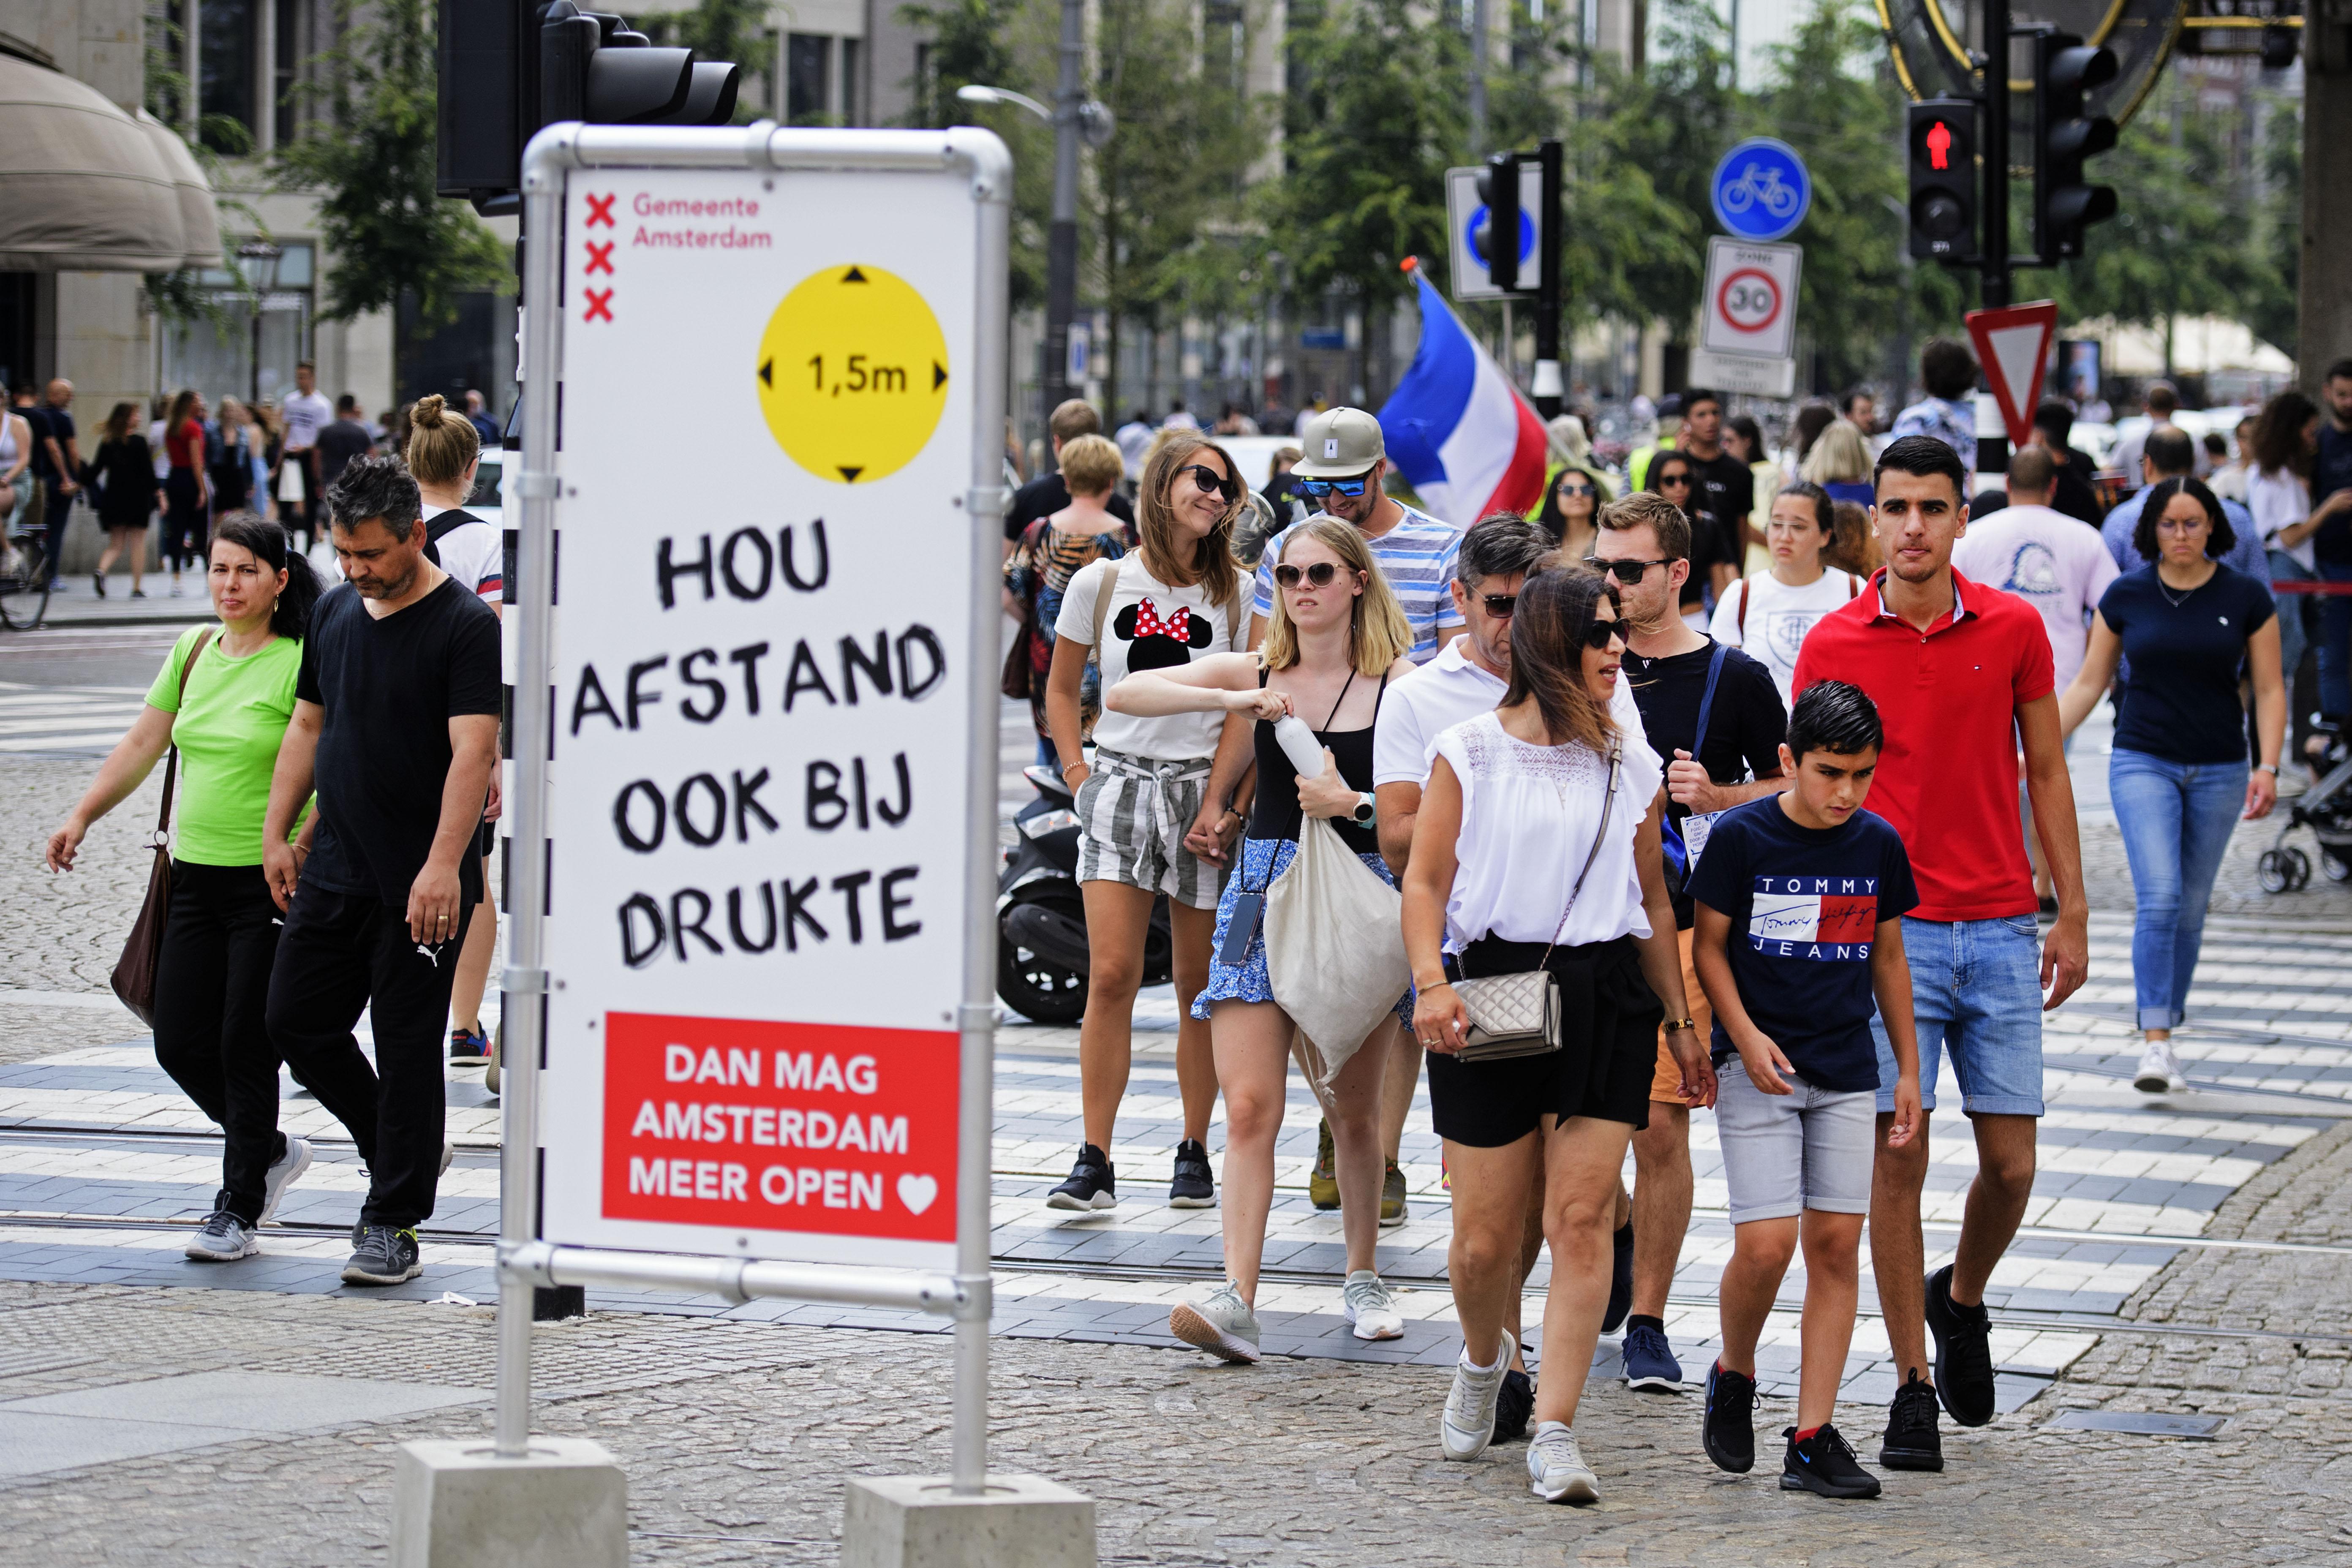 Besmettingsclusters nemen toe in Noord-Holland en Zuid-Holland. 'Jongeren lijken de oorzaak'